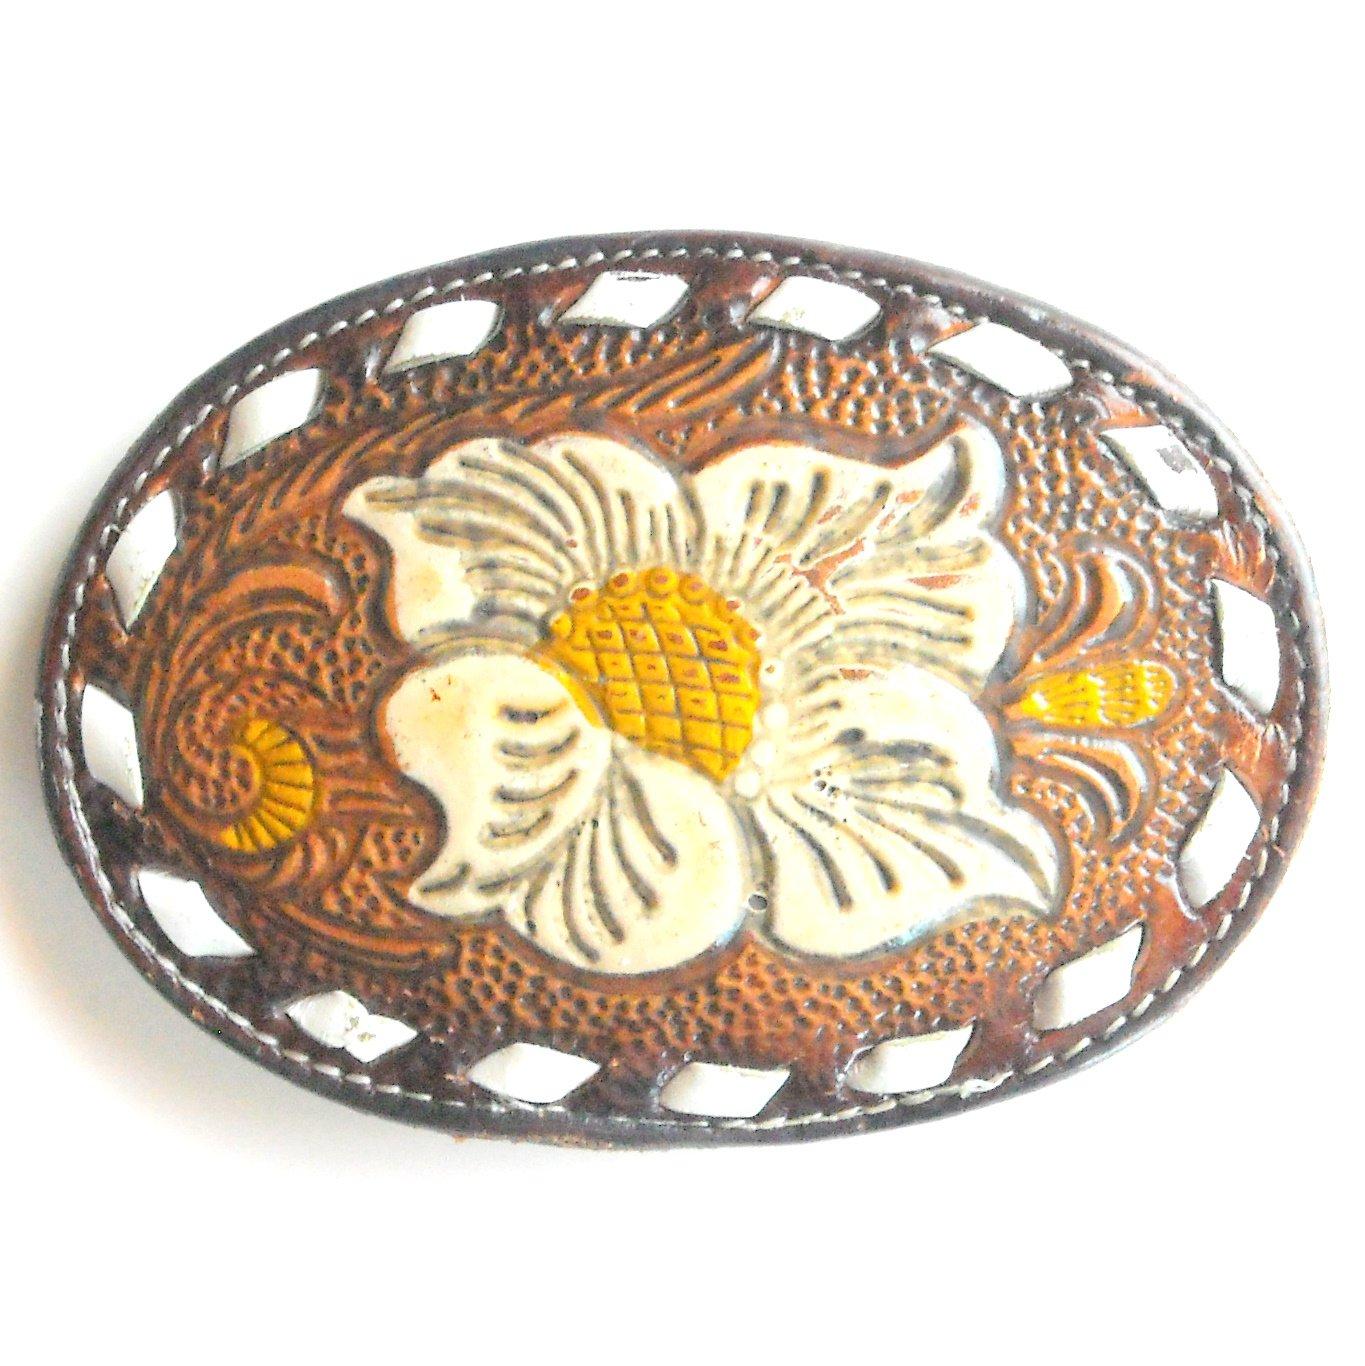 Vintage Tony Lama Big Texas Rose Flower Leather Used Belt Buckle